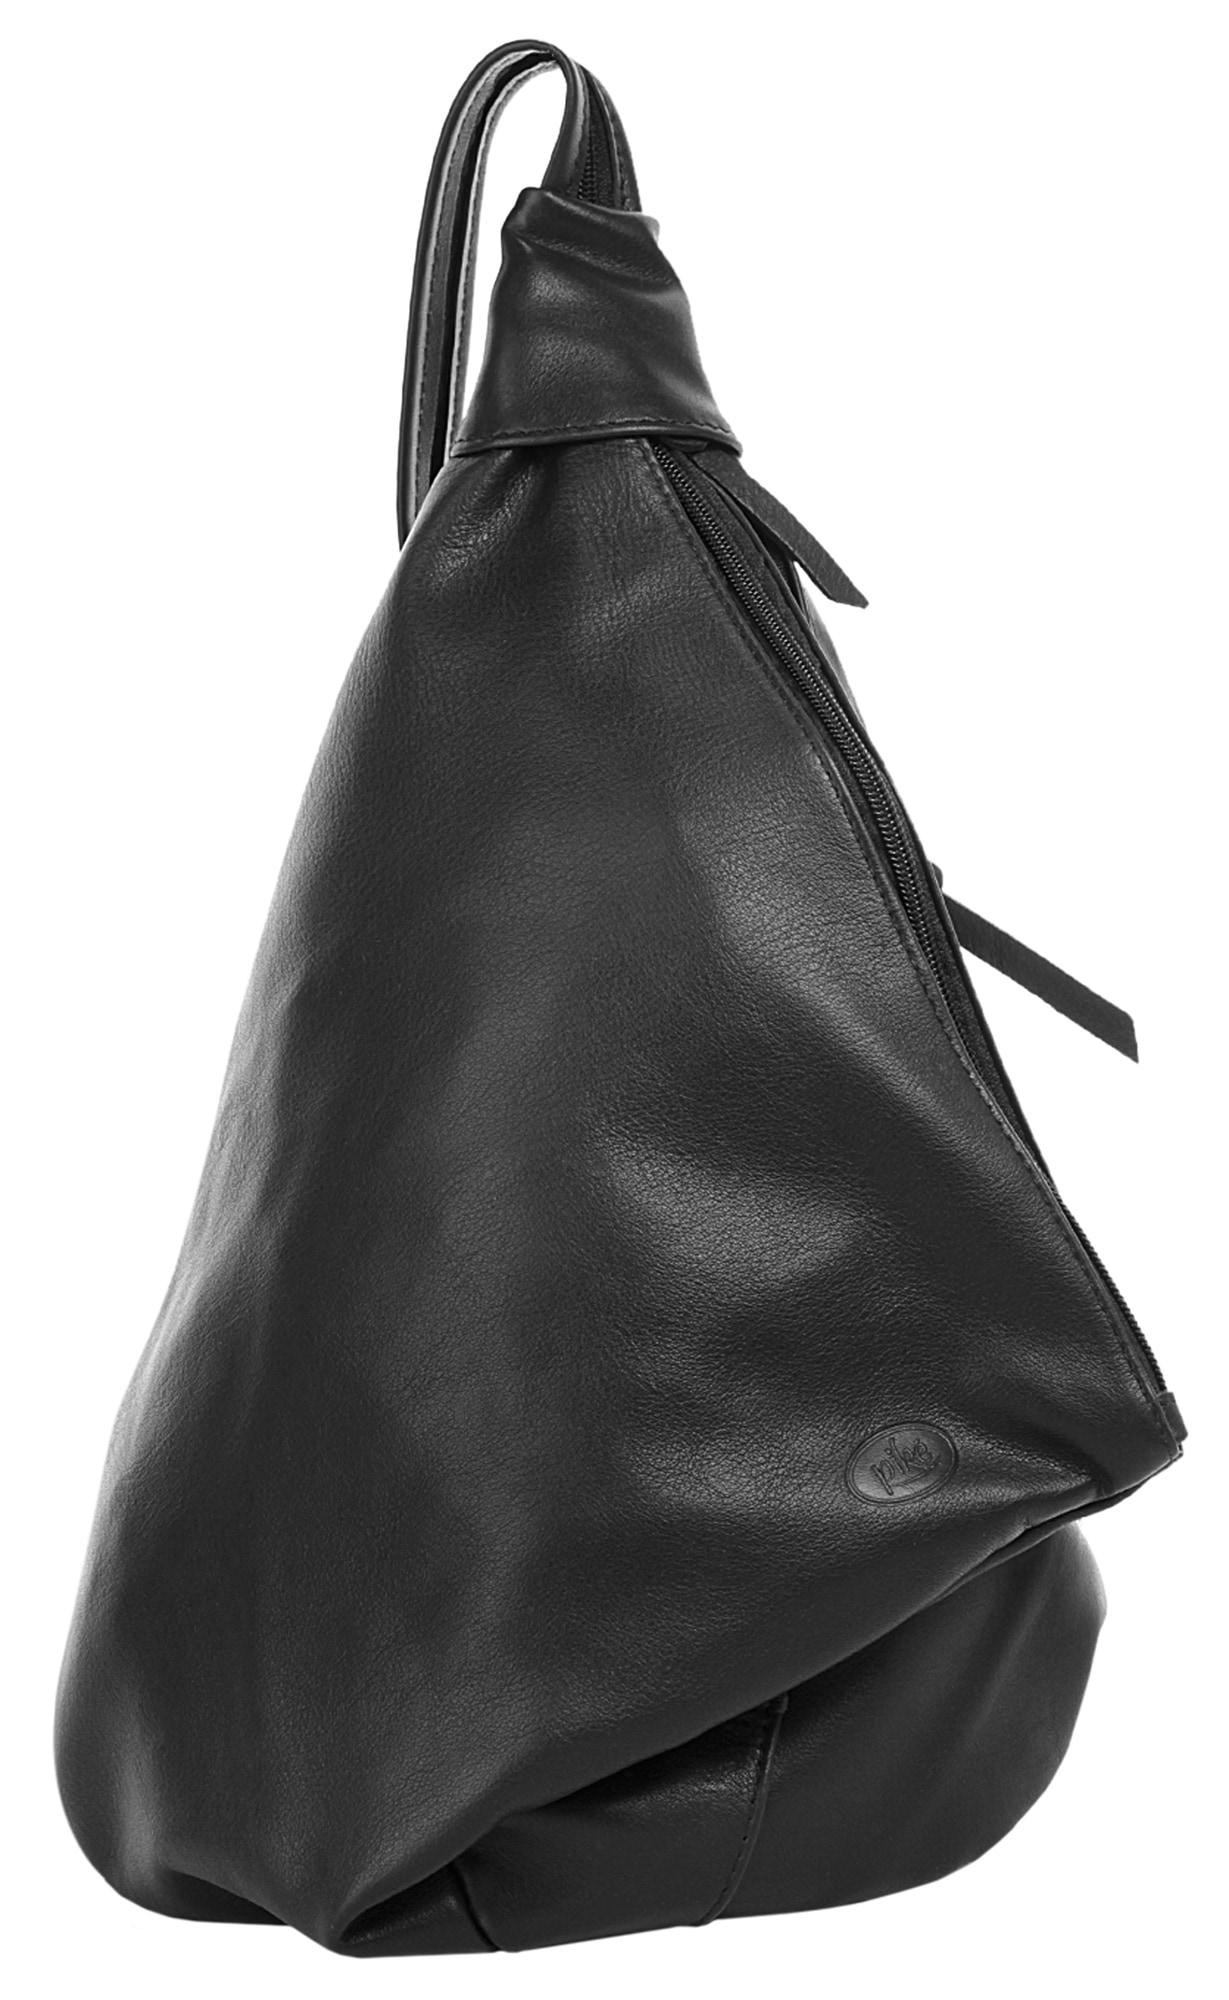 Piké Cityrucksack FENICE schwarz Taschen Rucksäcke Unisex